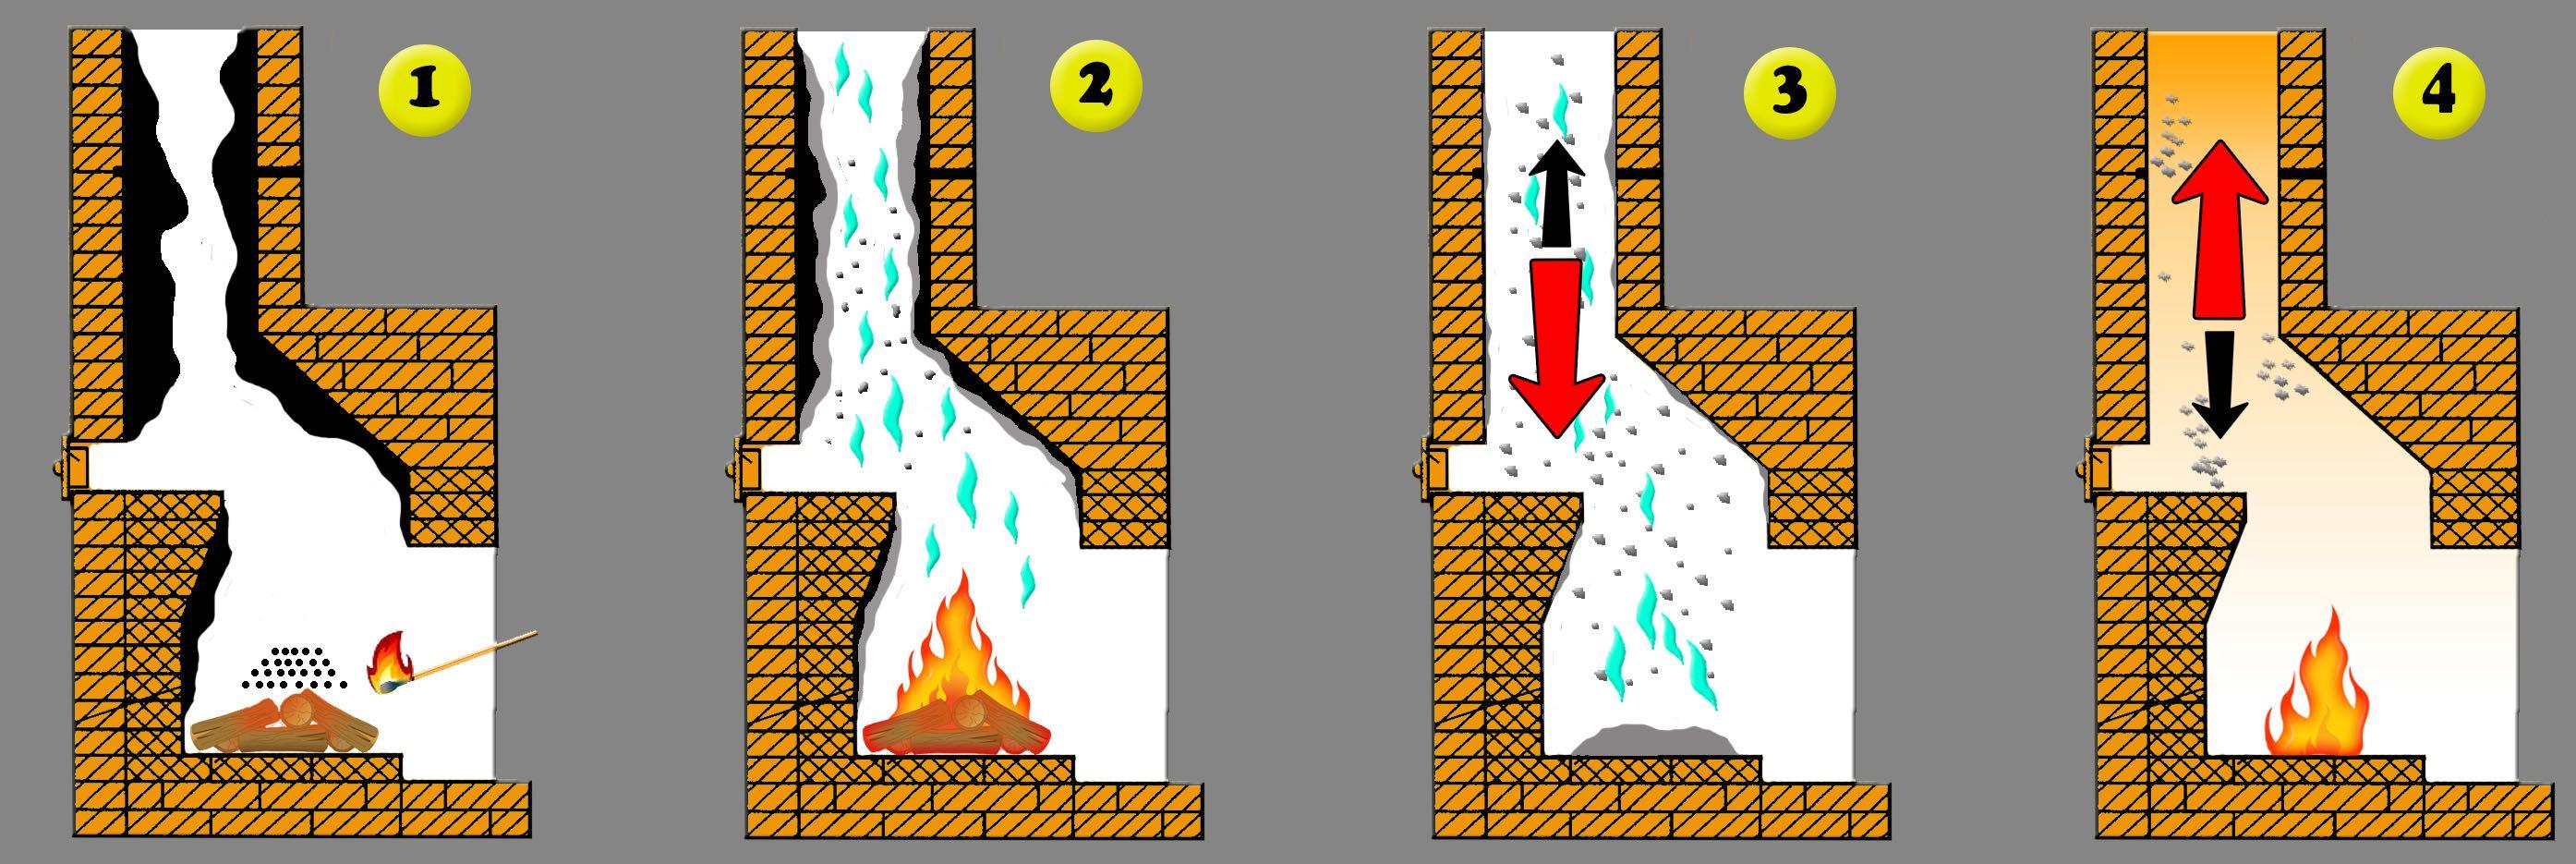 Как почистить дымоходы русской печи обследование дымоходов и вентканалов периодичность